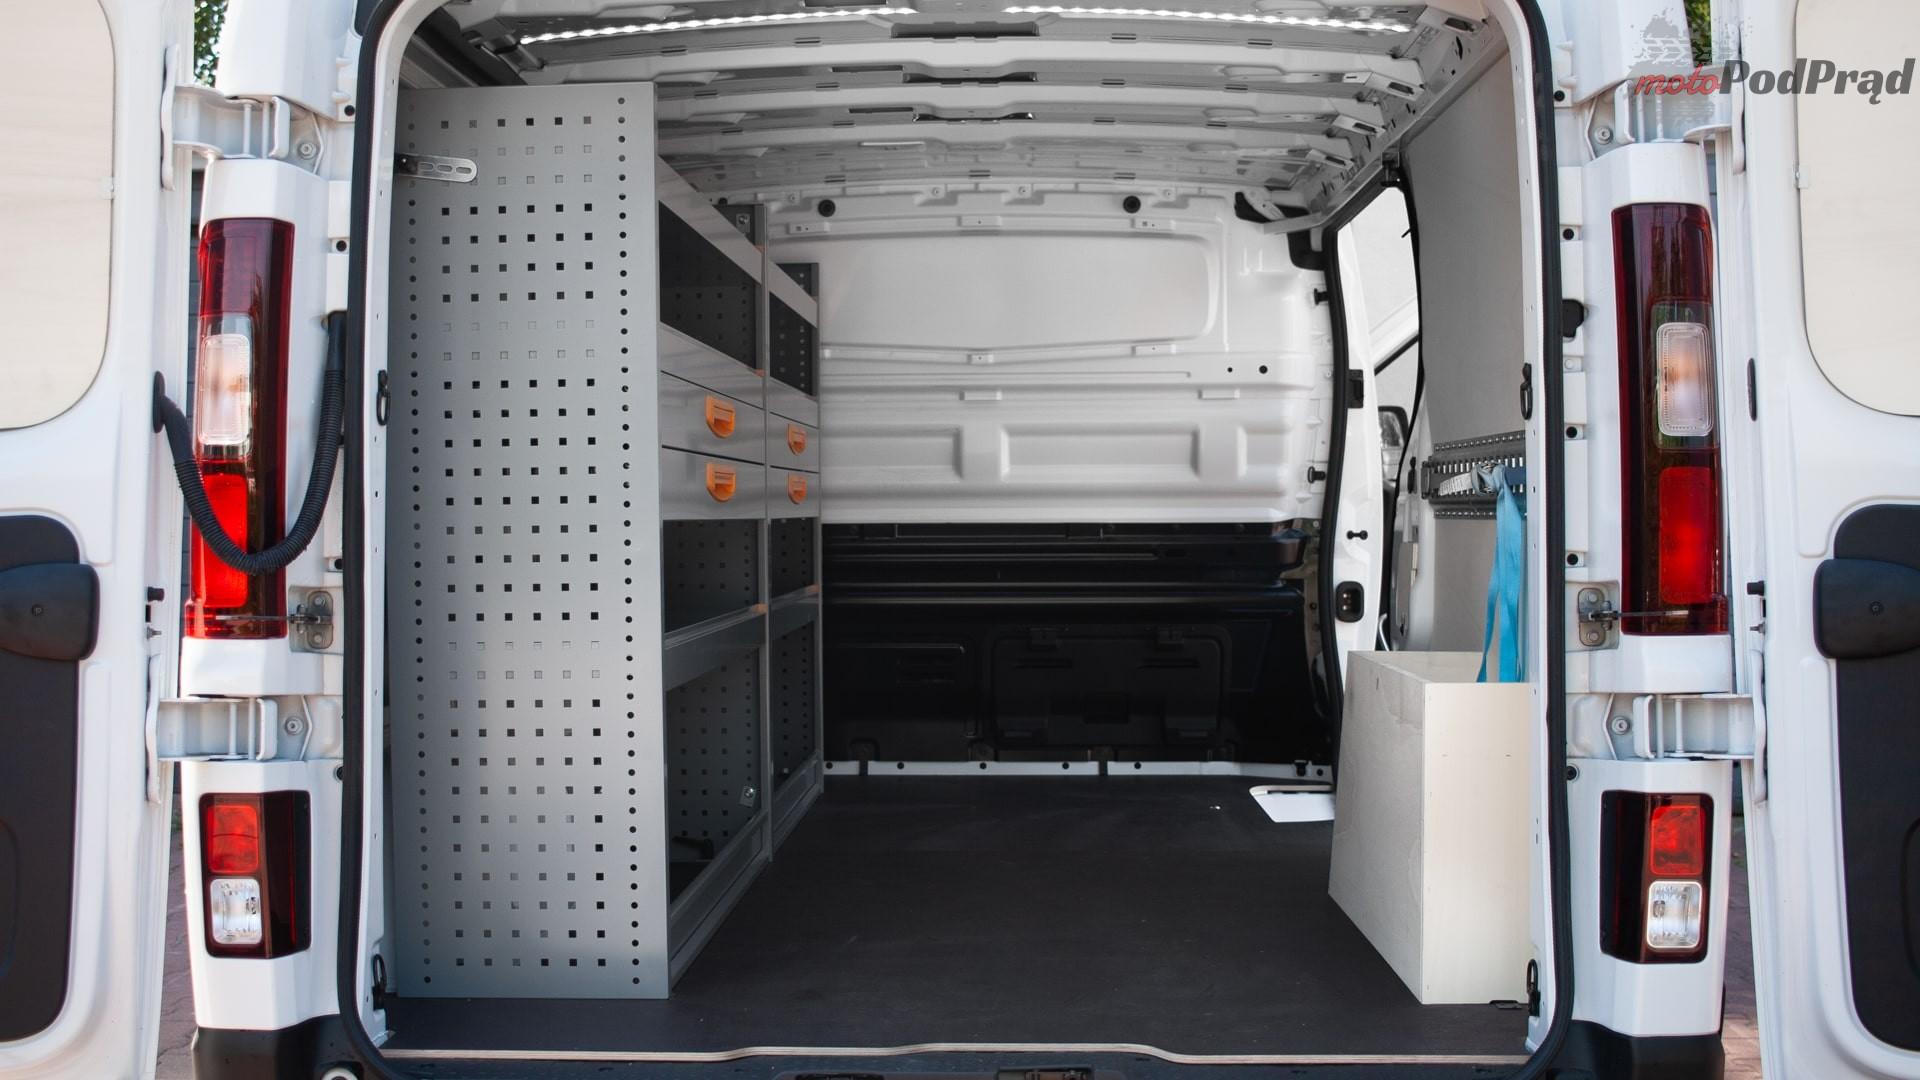 renault trafic 12 Test: Renault Trafic furgon z zabudową Renault Tech – mobilny serwis